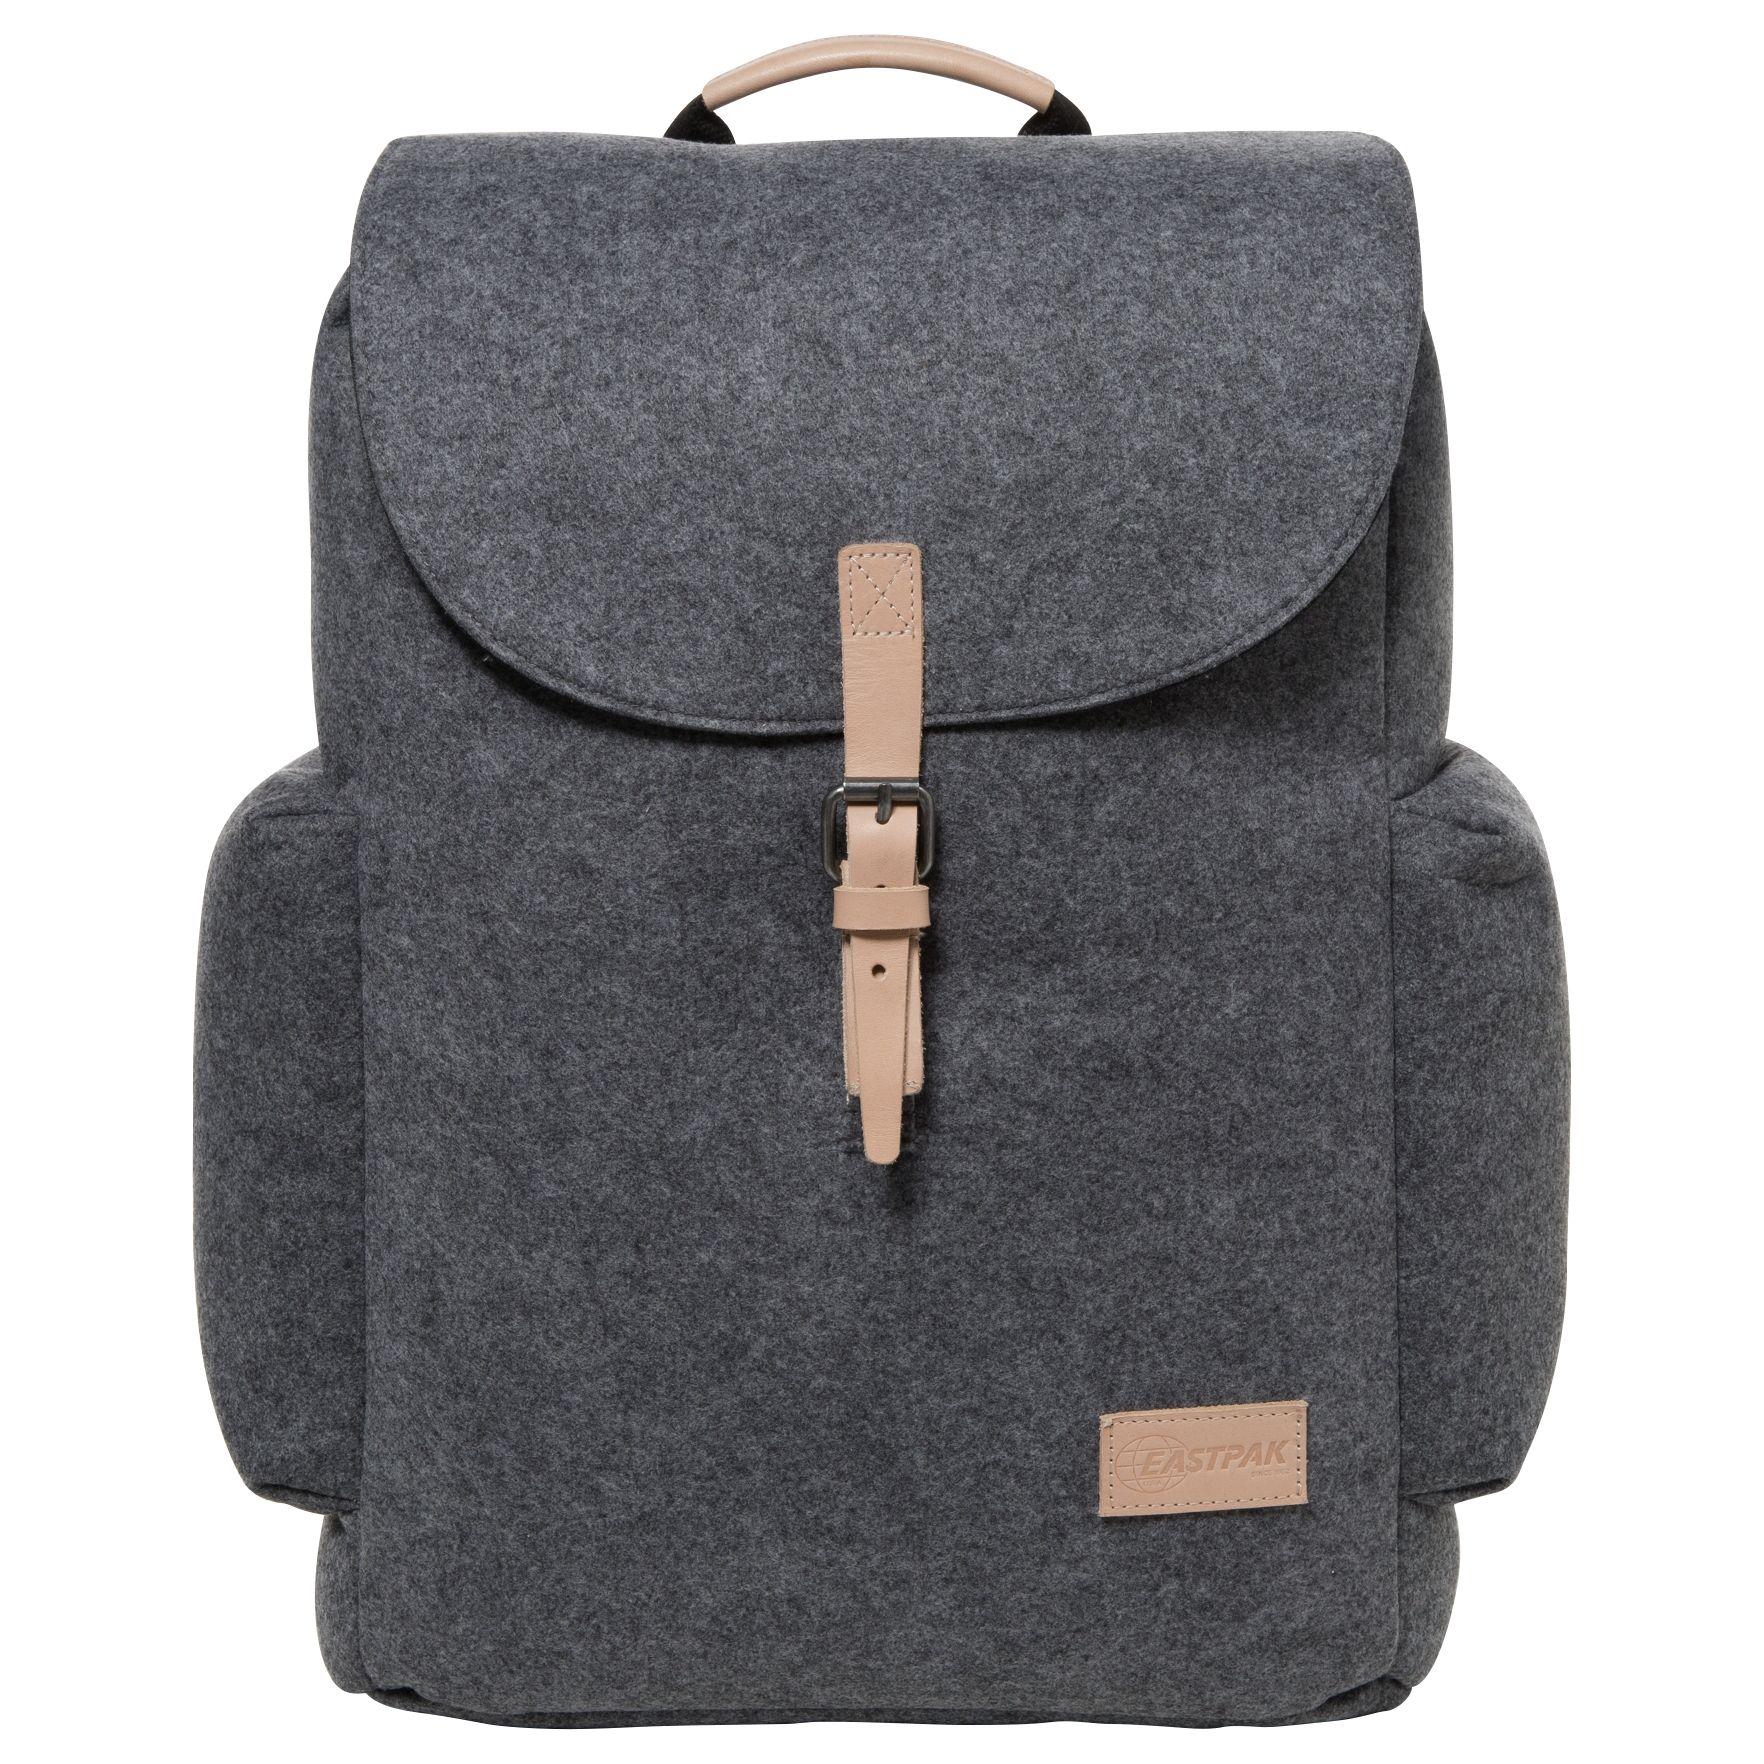 Eastpak Austin Felt Backpack